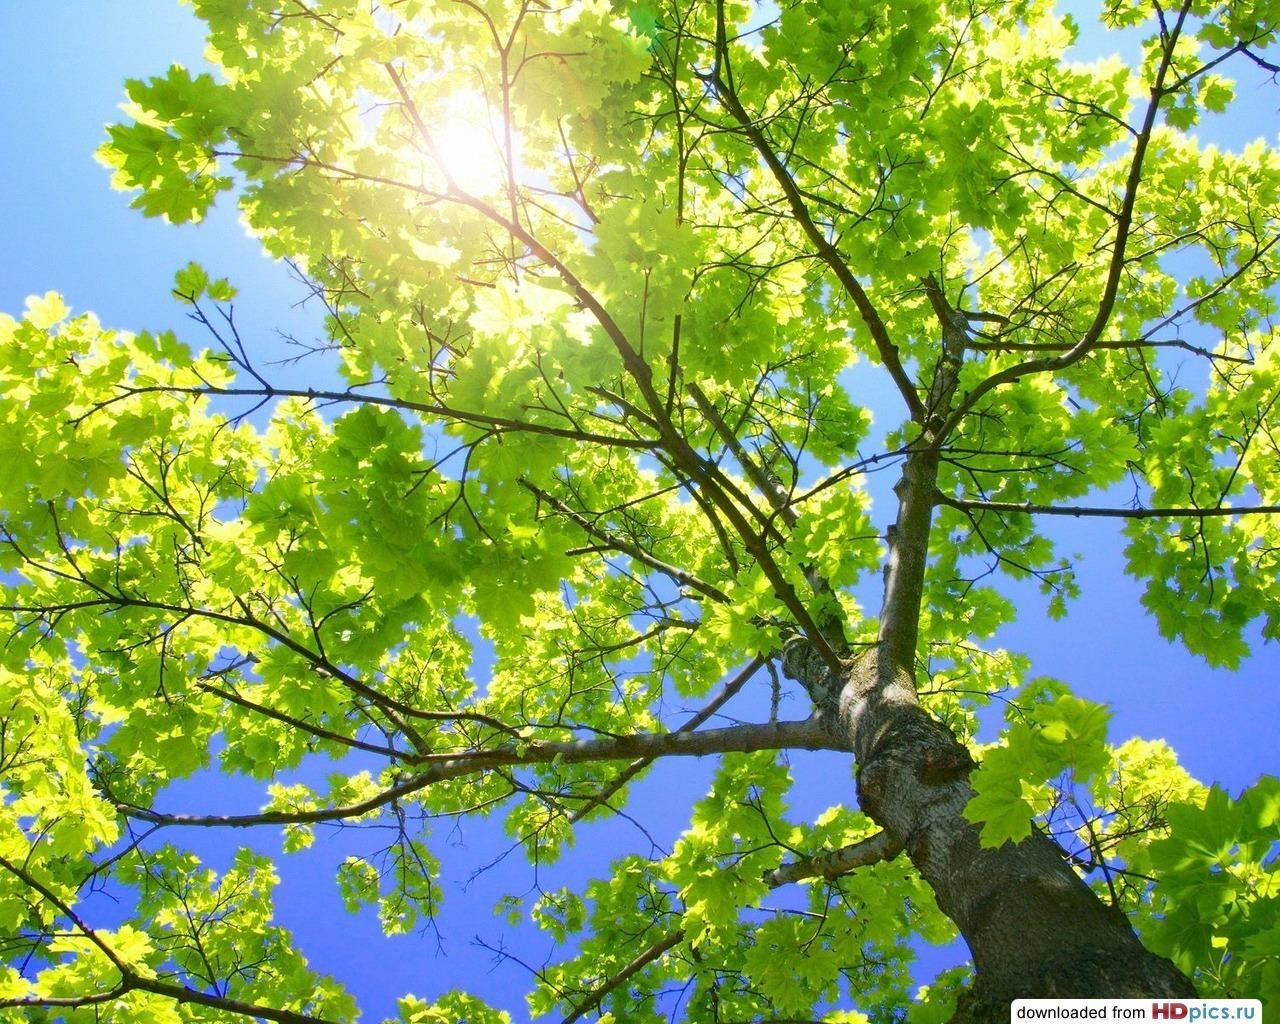 12564 скачать обои Пейзаж, Деревья, Солнце - заставки и картинки бесплатно